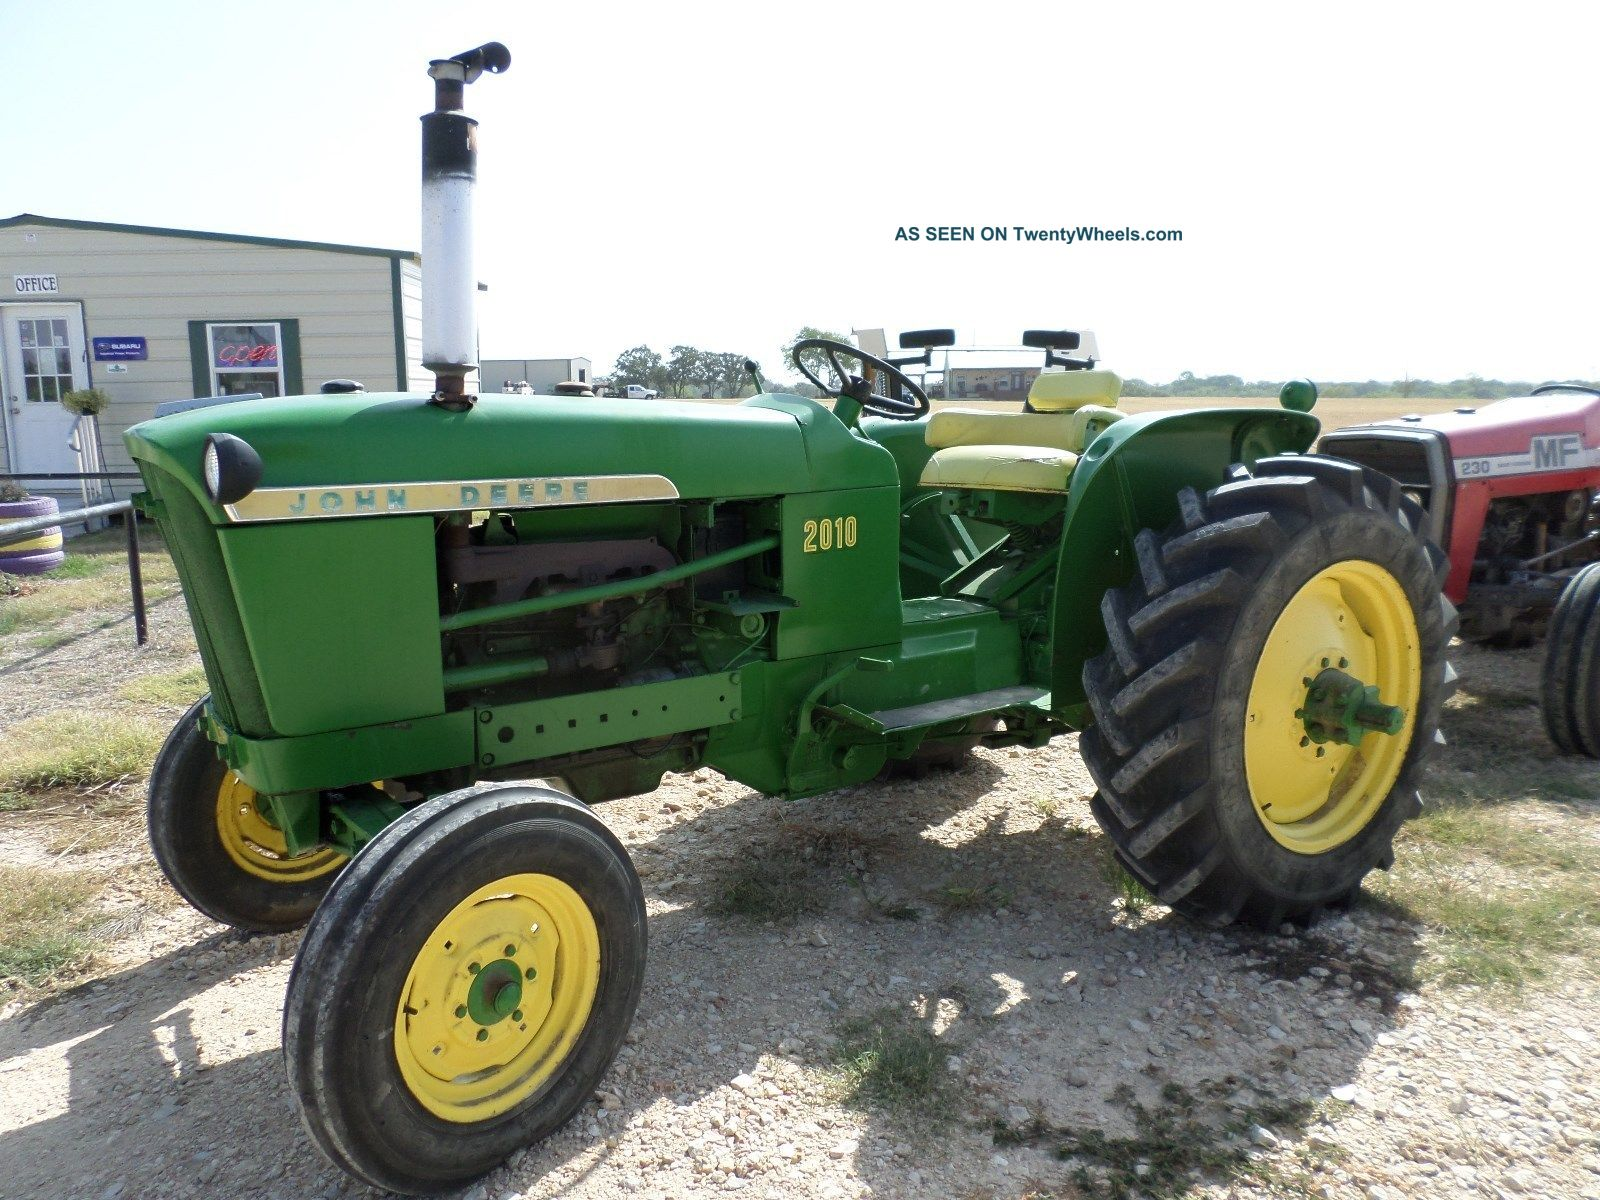 2010 John Deere Tractor